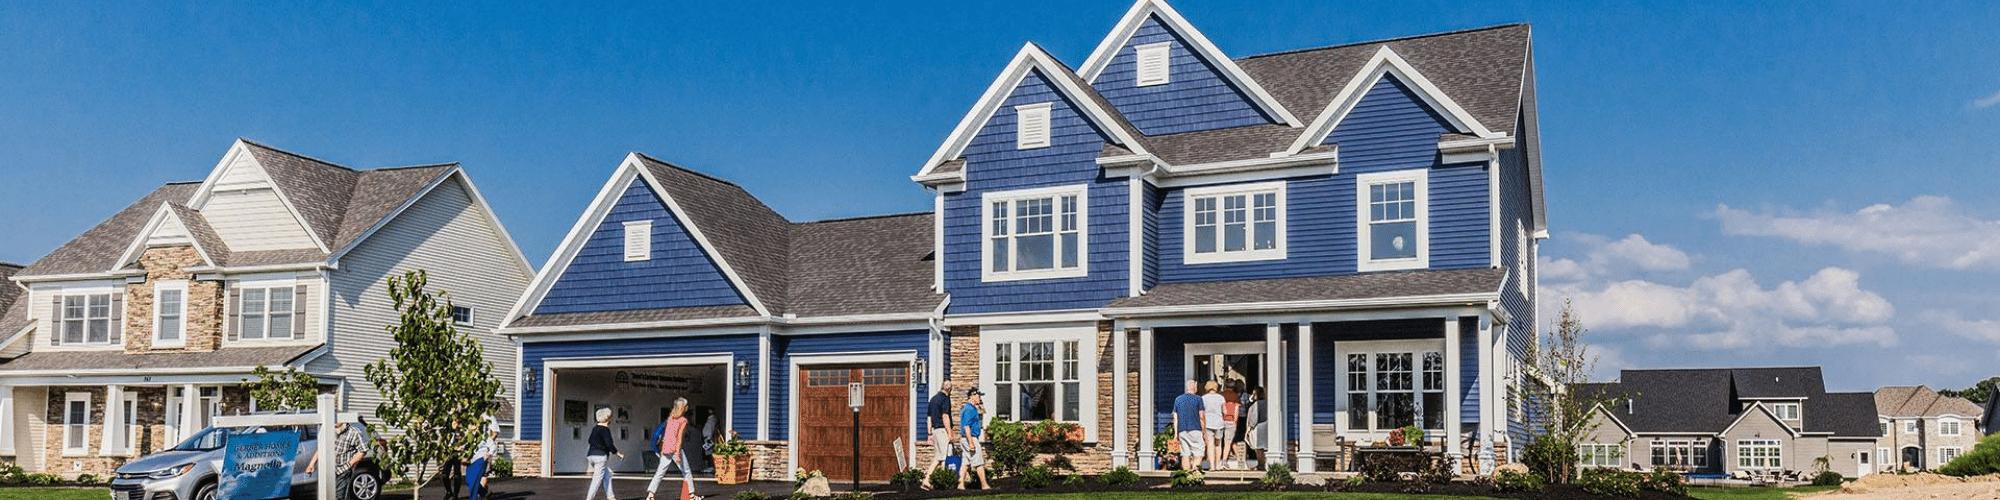 ny custom home builder gerber